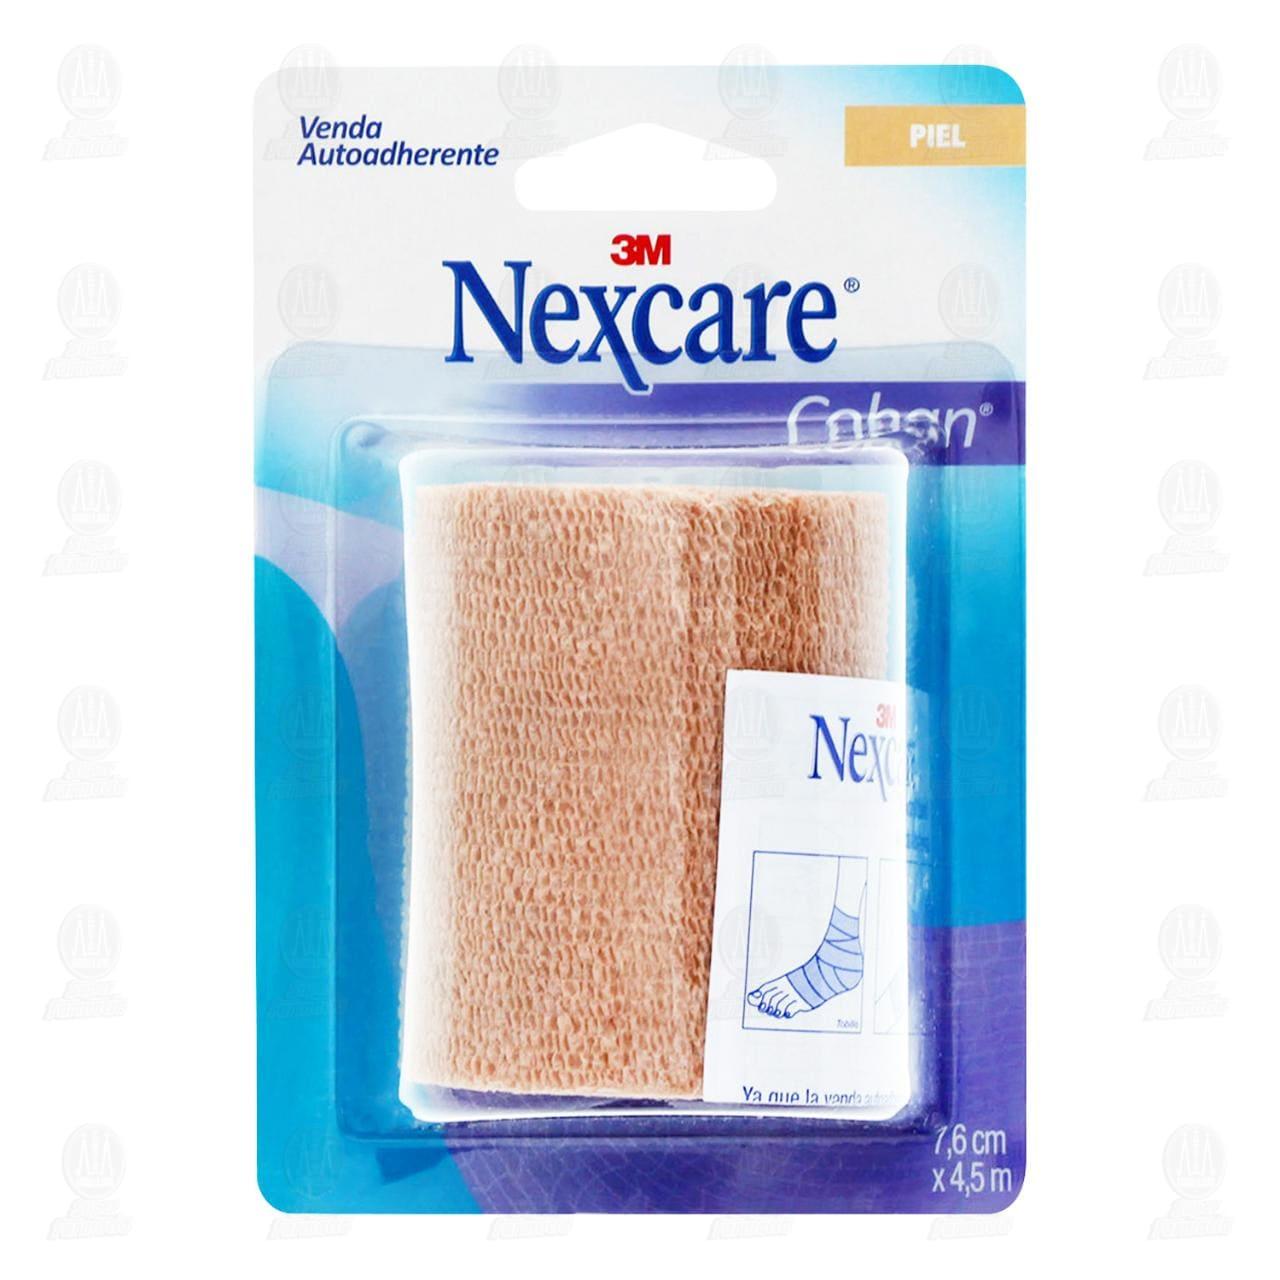 Comprar 3M Nexcare Venda Coban Color Piel 7.6cm x 4.5m 1pz en Farmacias Guadalajara